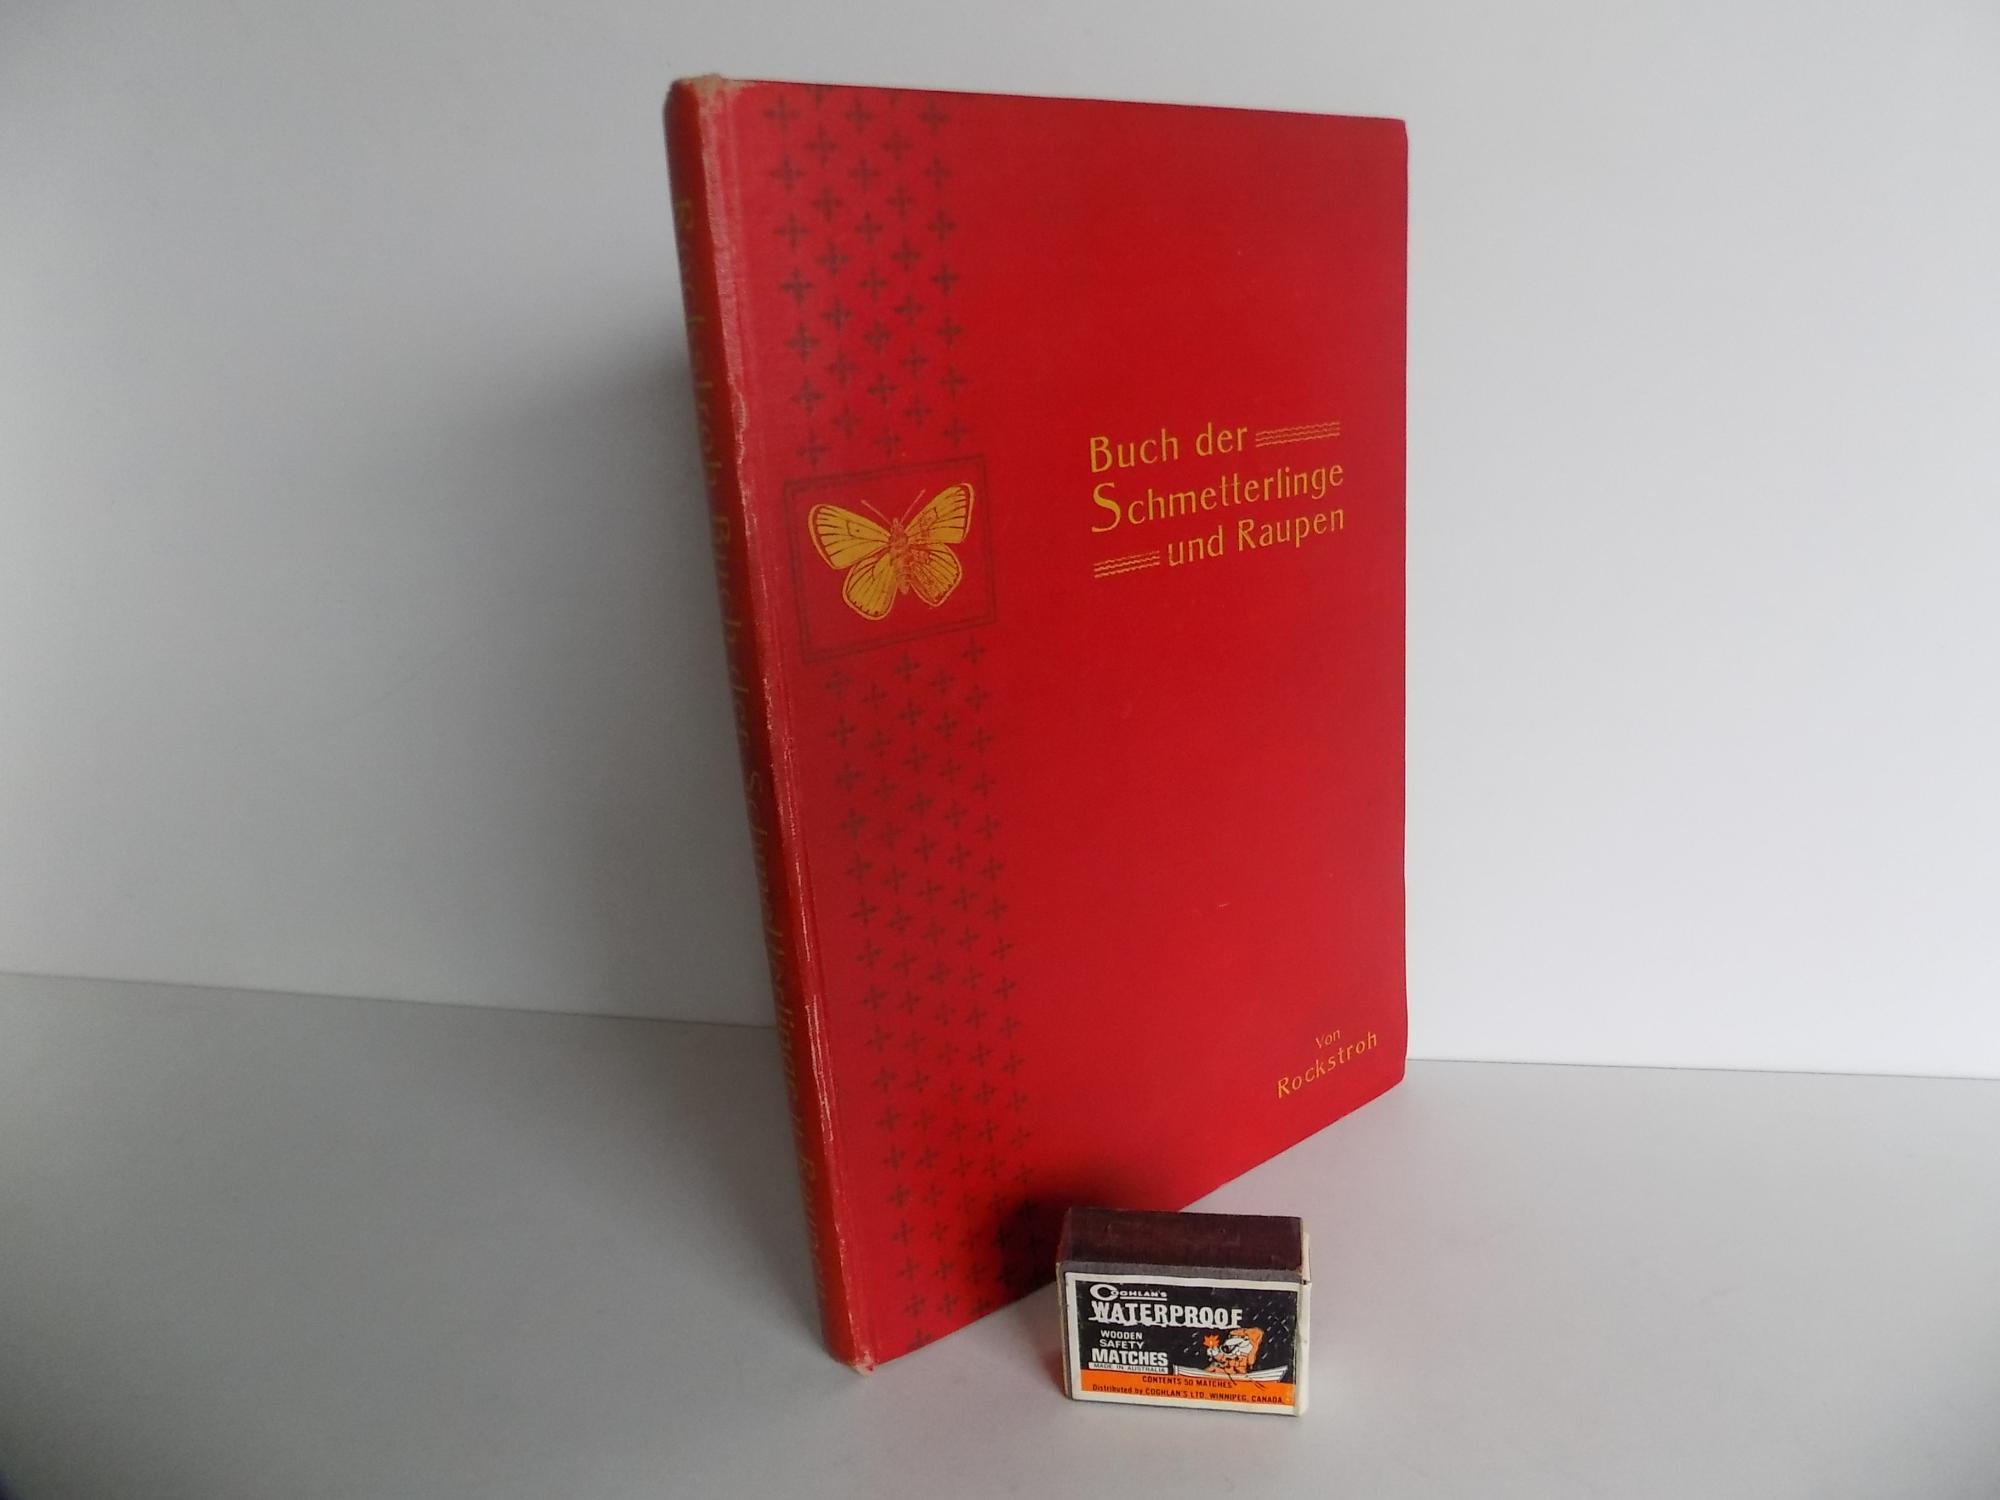 Buch der Schmetterlinge und Raupen. Eine Anleitung zur Anlage von Sammlungen und deren Behandlung. 7., unveränderte Auflage, unter Beibehaltung der Systematik aus der 5. Auflage umgearbeitet von E. L. Taschenberg. Mit 231 Abbildungen auf 16 naturgetreu ko